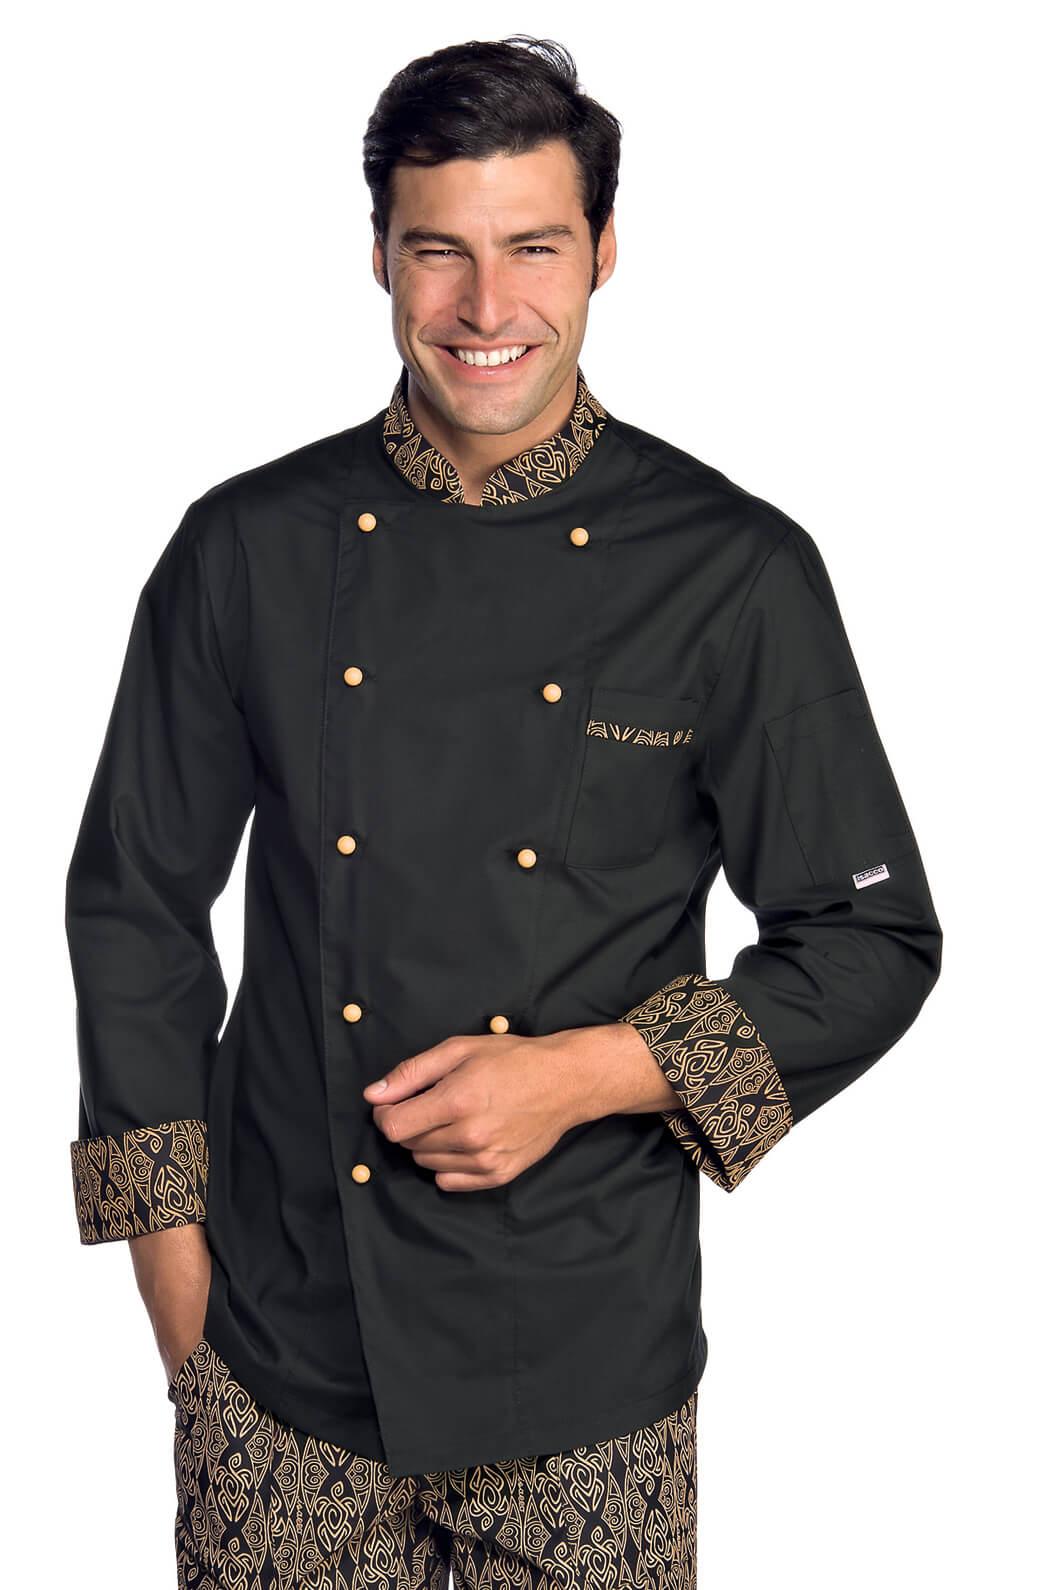 Veste chef cuisinier extralight noir biscuit vestes de for Cuisinier extra